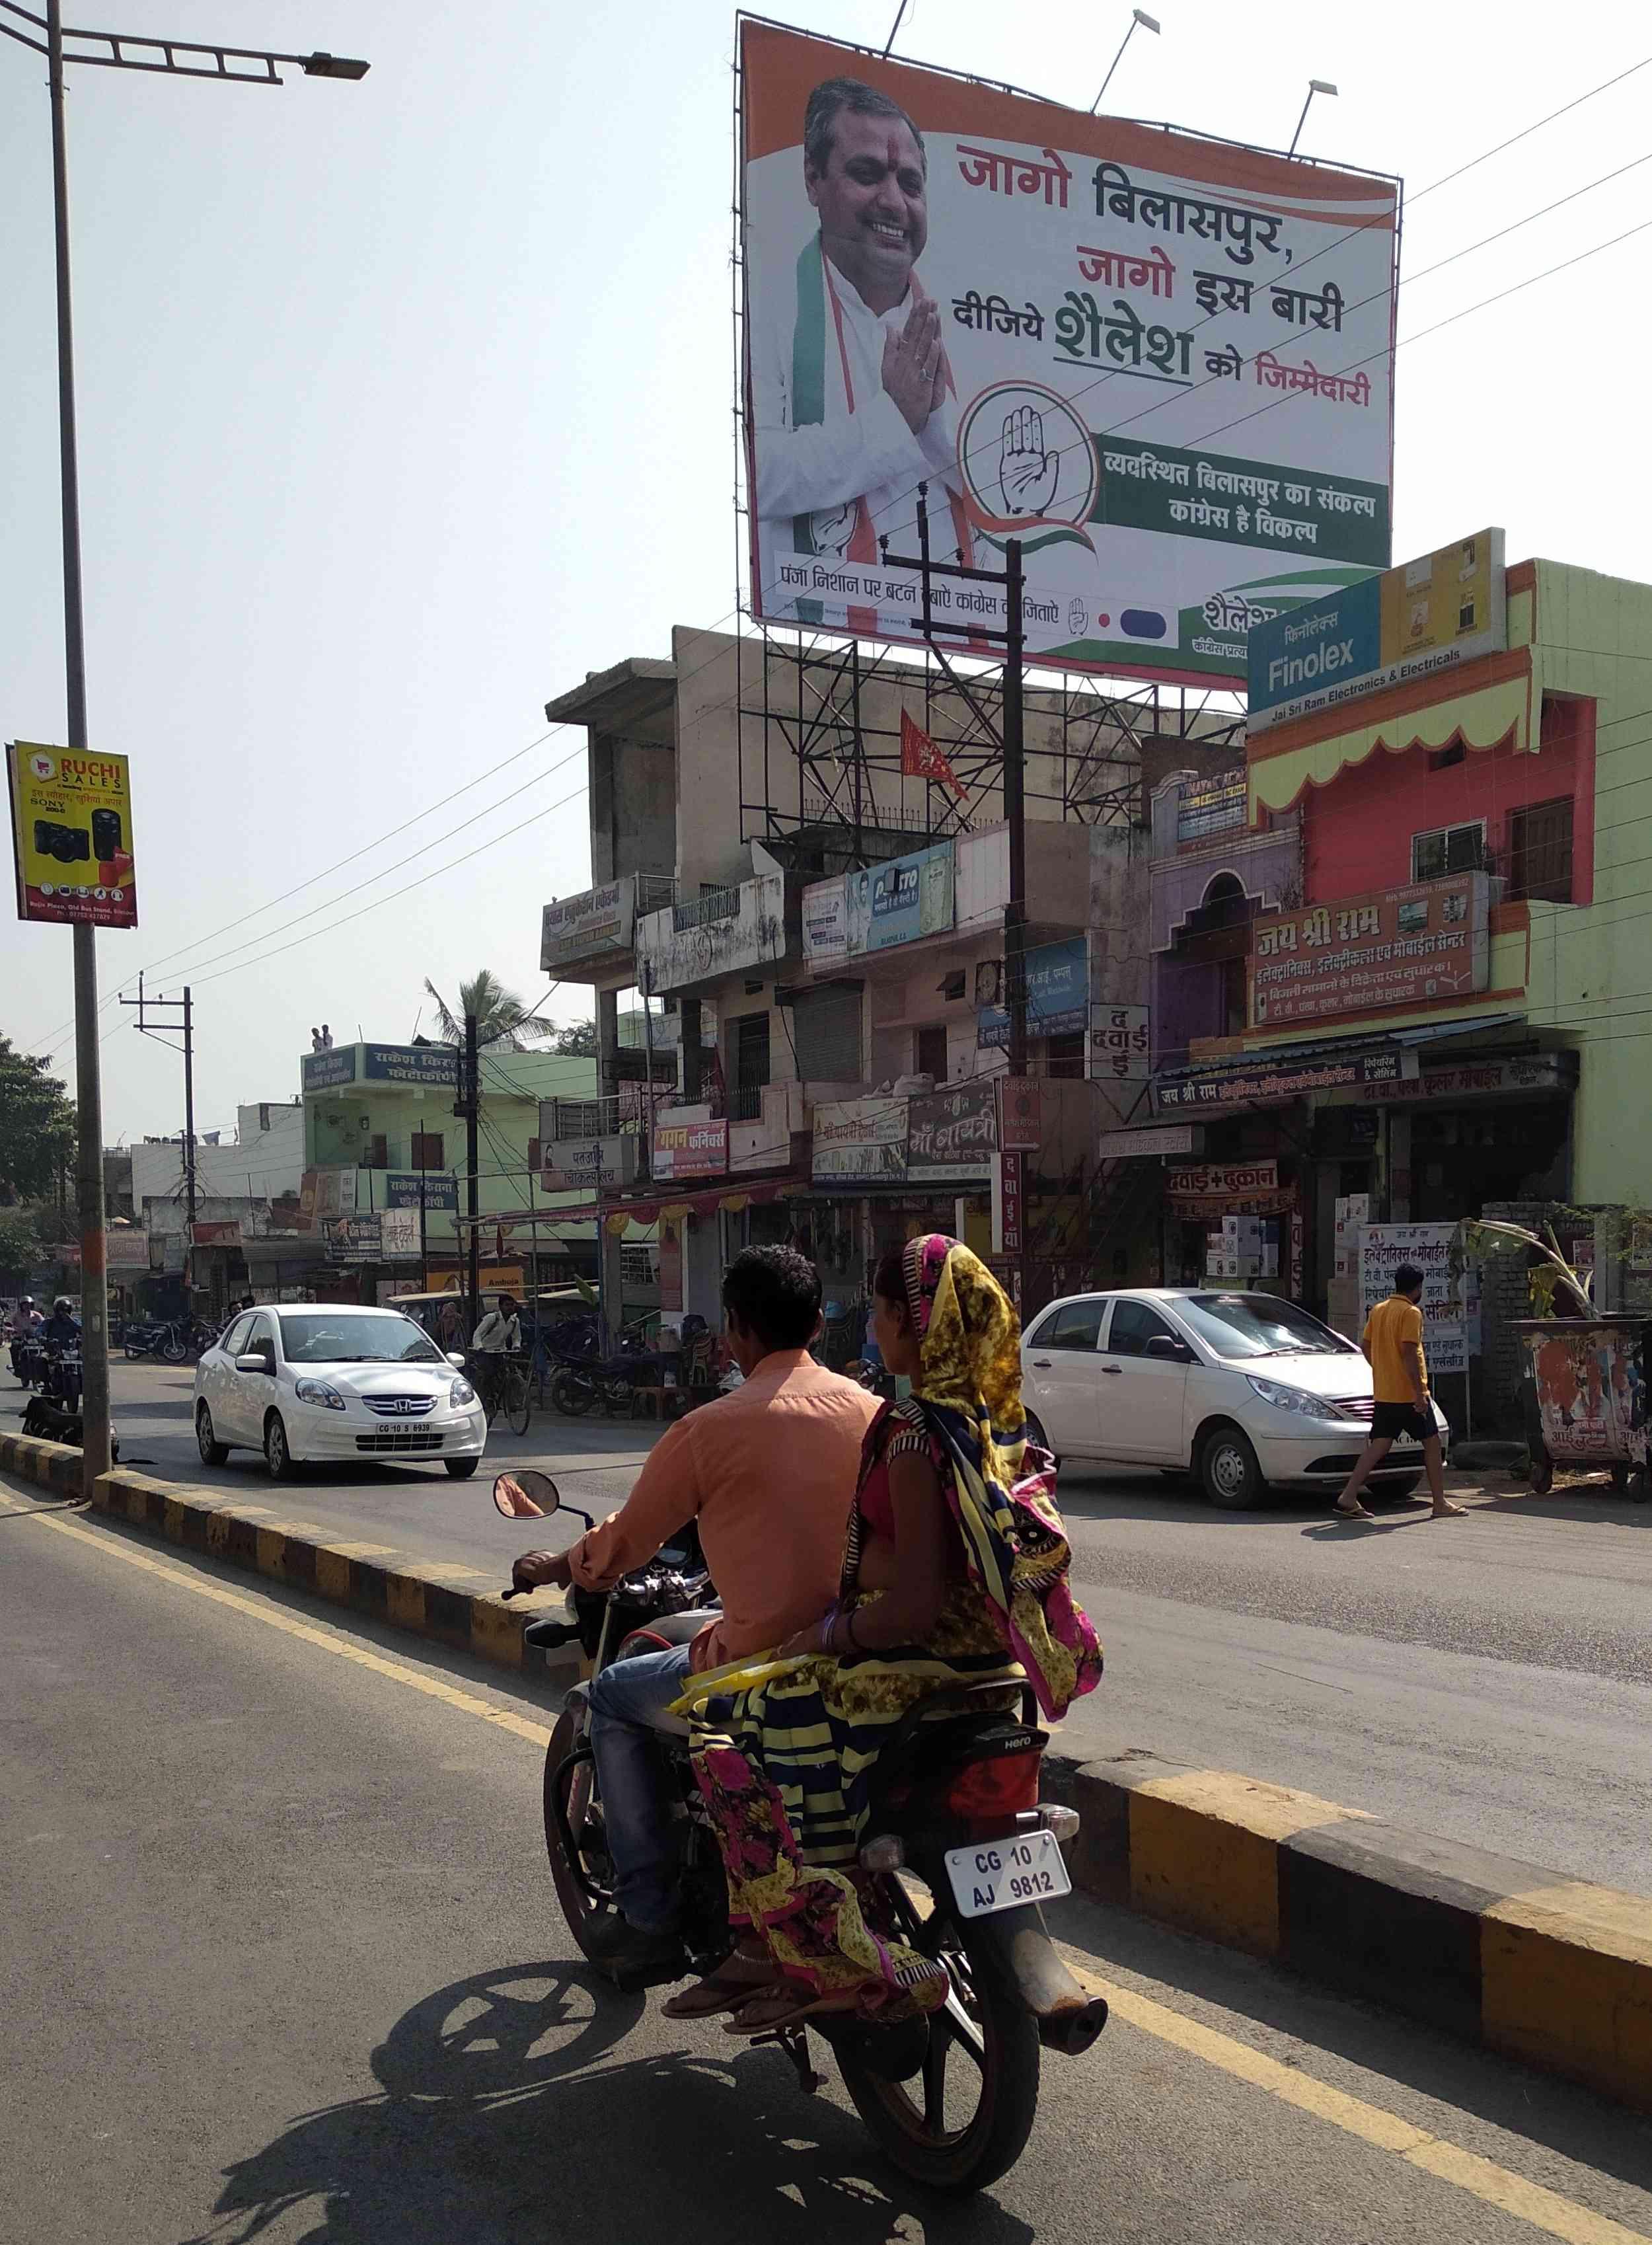 बिलासपुर से कांग्रेस प्रत्याशी की हॉर्डिंग | फोटो : हेमंत कुमार पाण्डेय